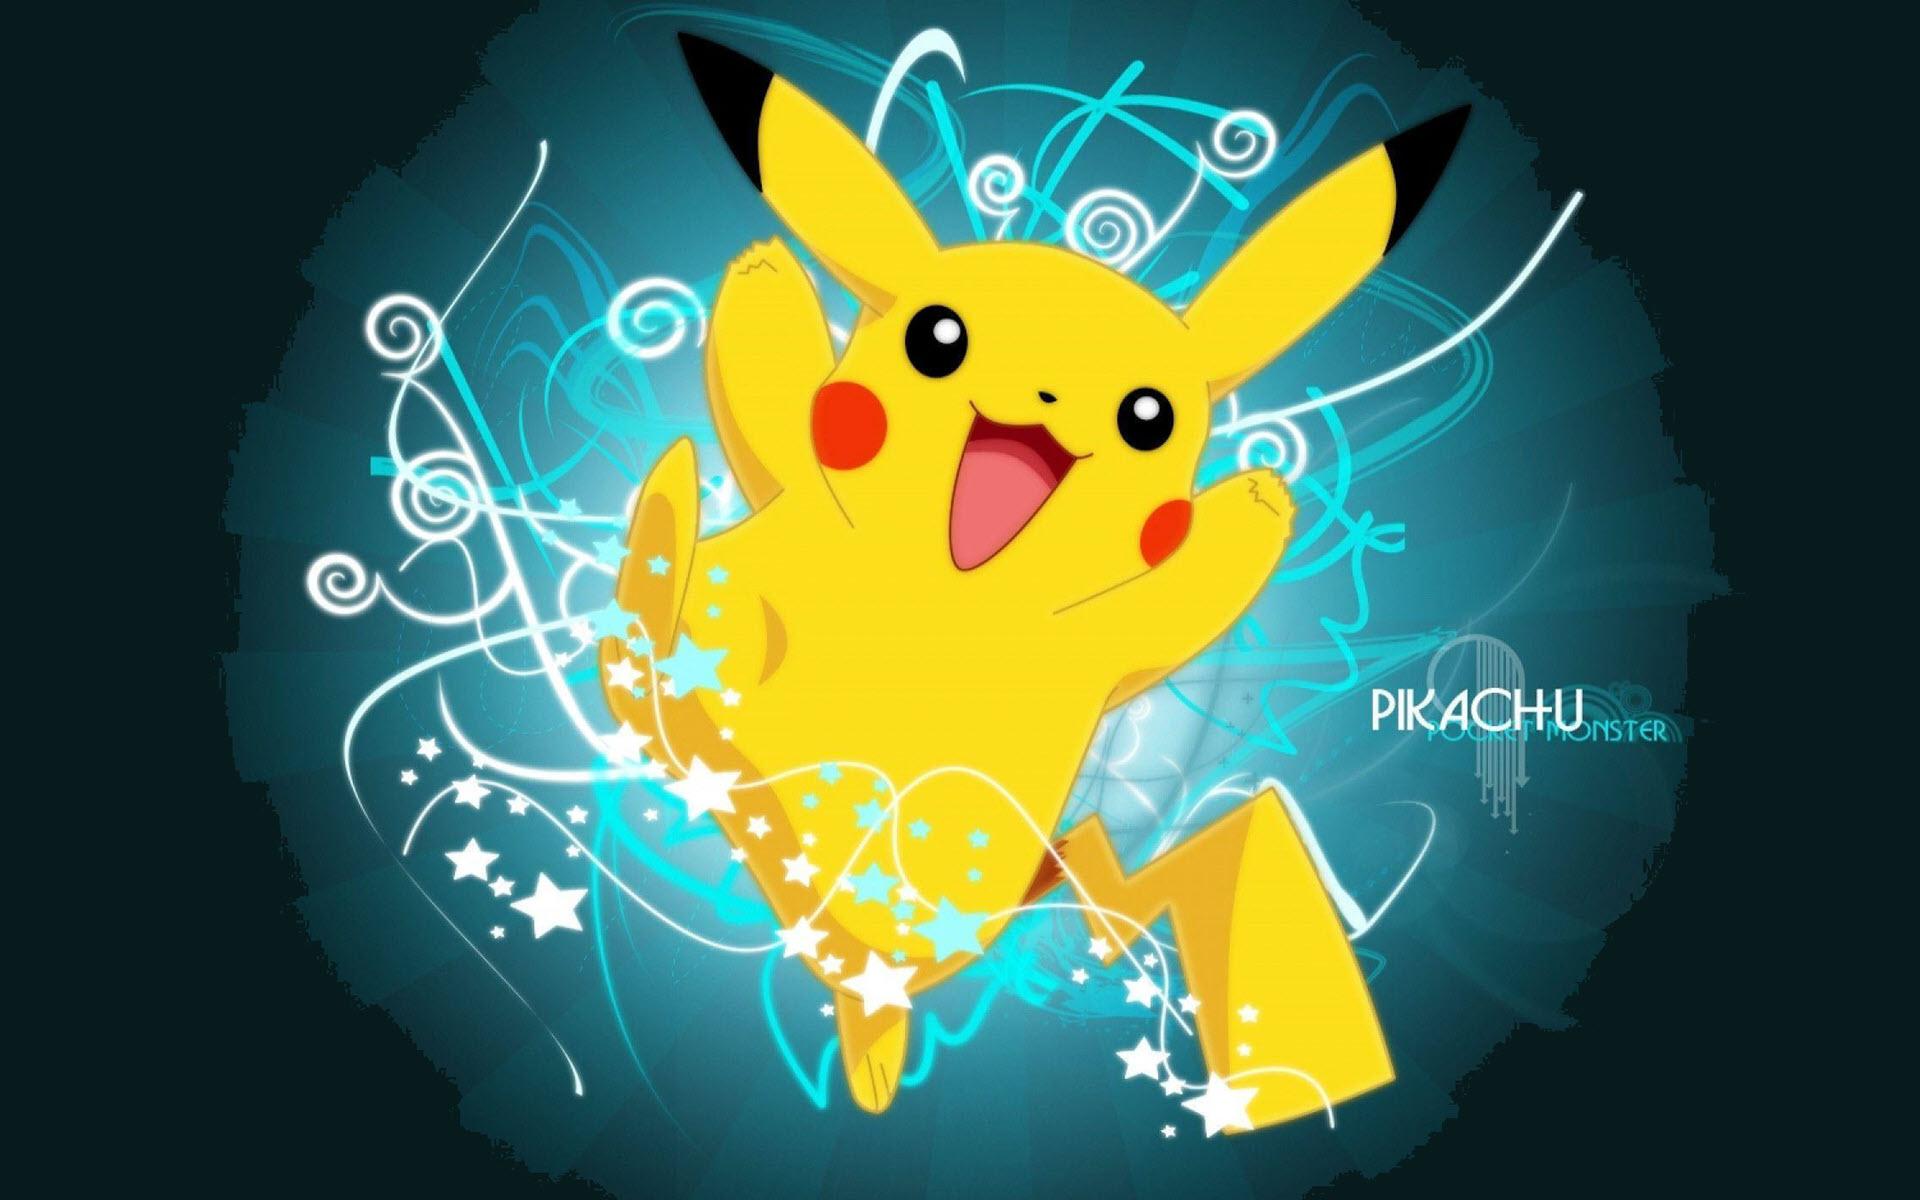 Hình nền Pikachu cute, ngầu